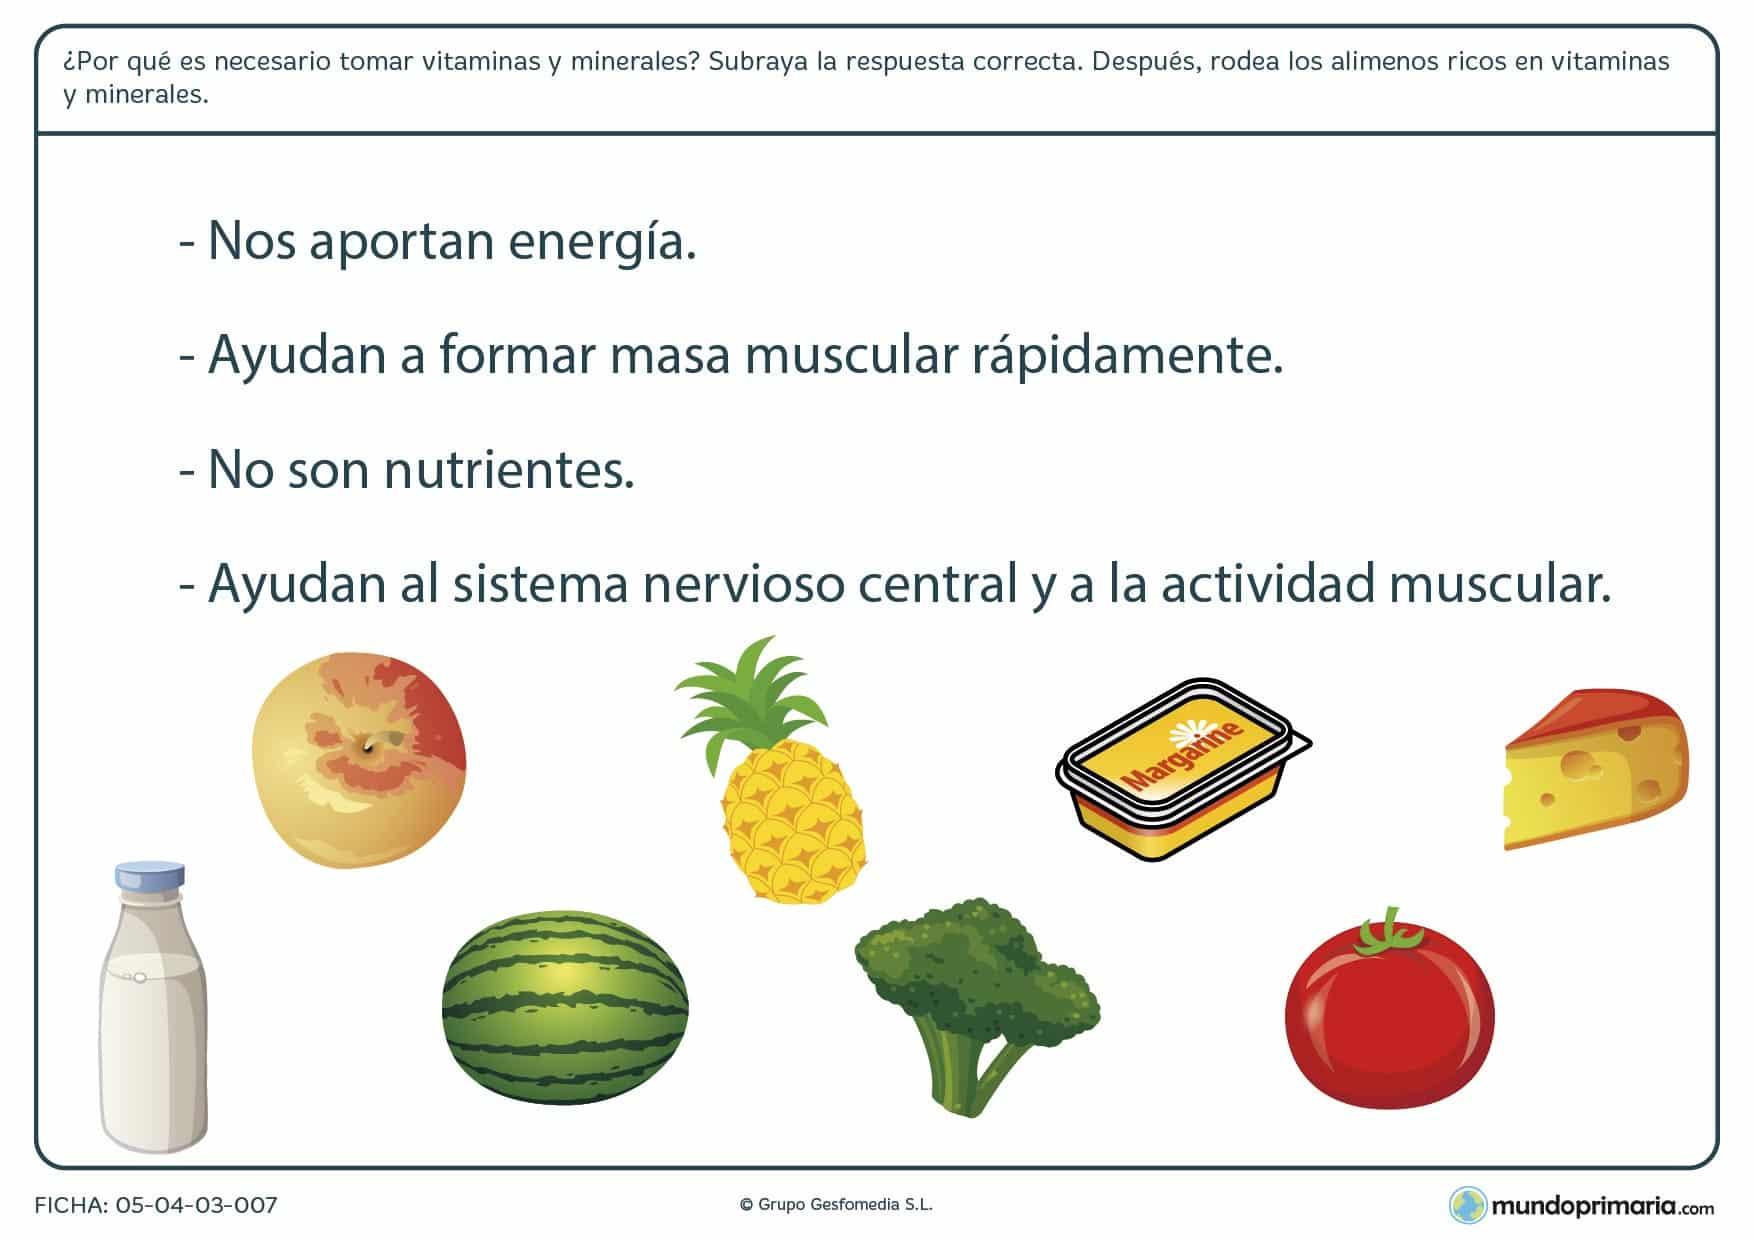 Ficha de los alimentos altos en vitaminas y minerales en el que se tiene que rodear las ímagenes de los alimentos altos en vitaminas y minerales.